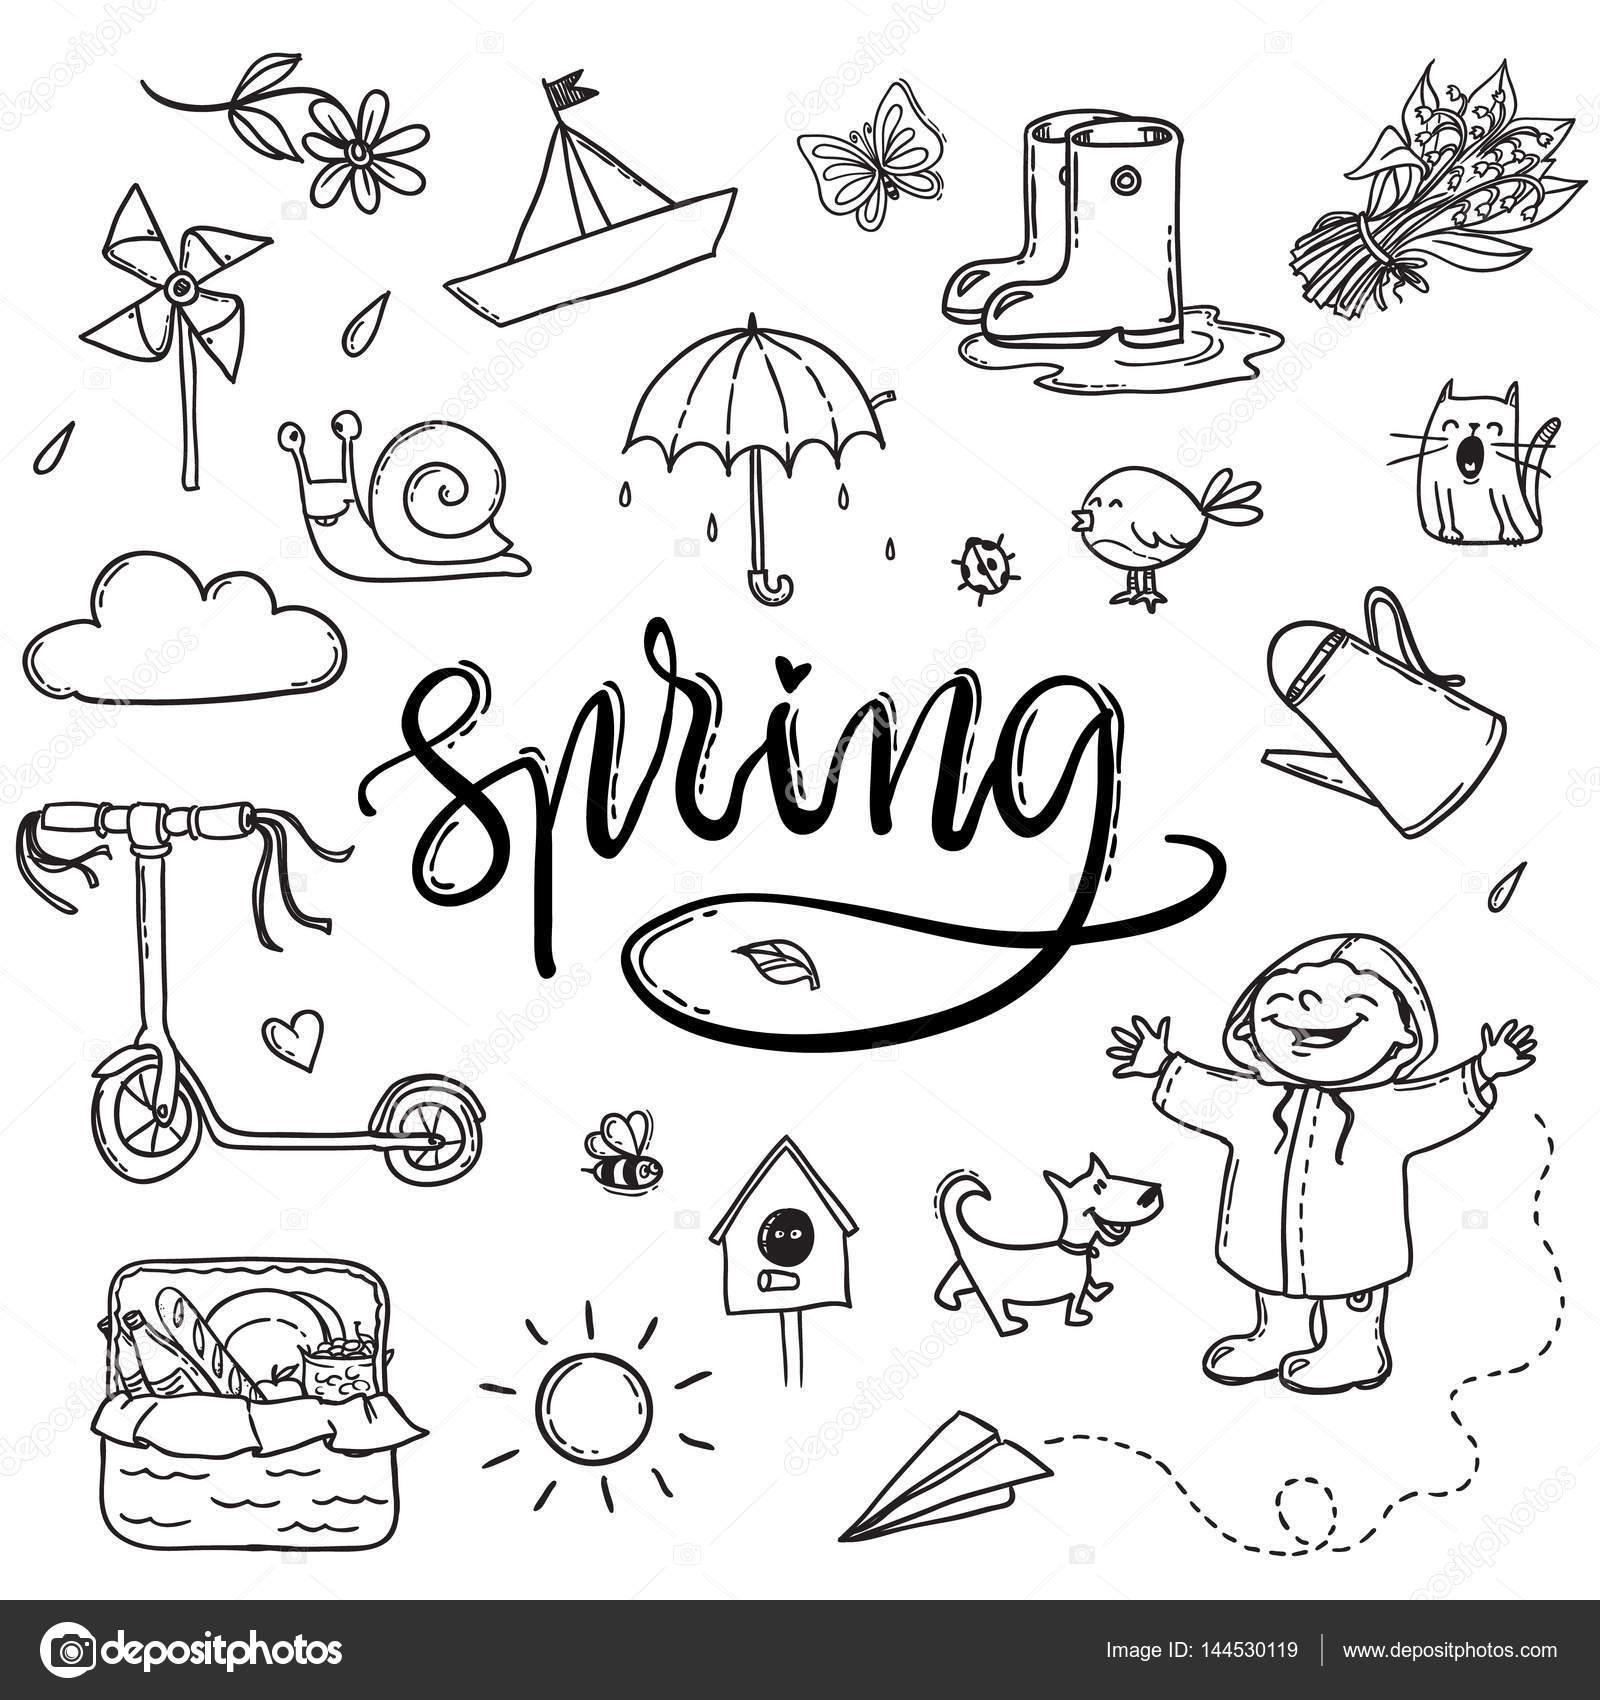 Handgezeichnete Schriftzug Frühling Lustige Grafik Satz Regenschirm